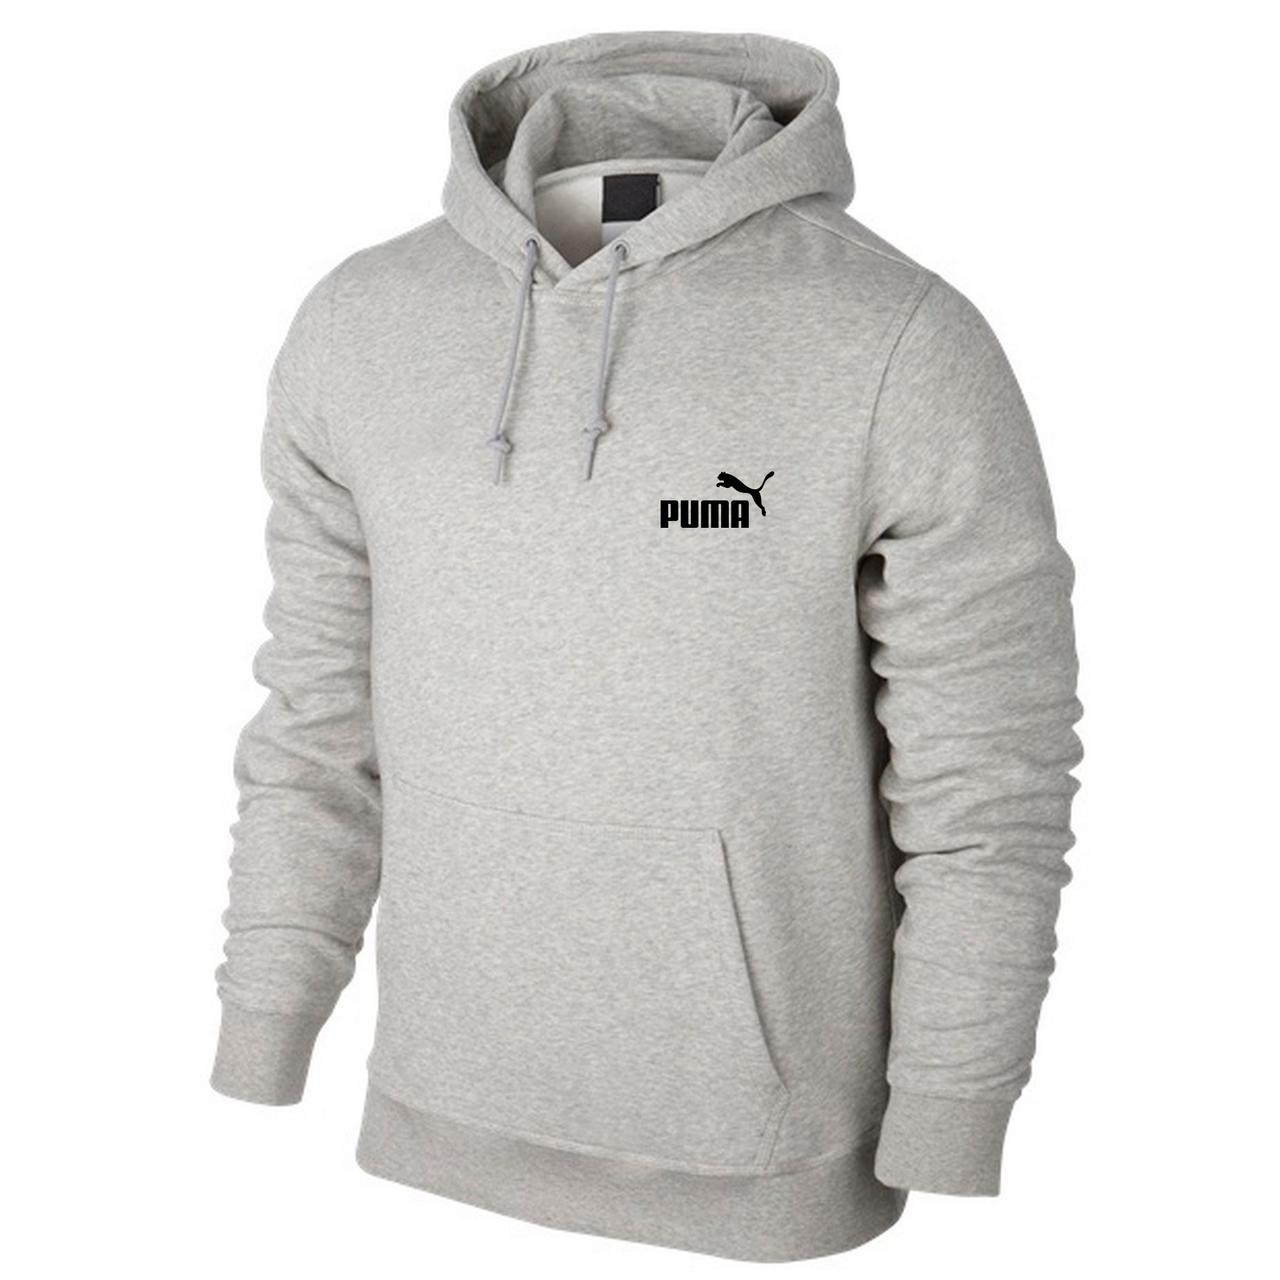 Спортивная мужская кофта Puma, серая